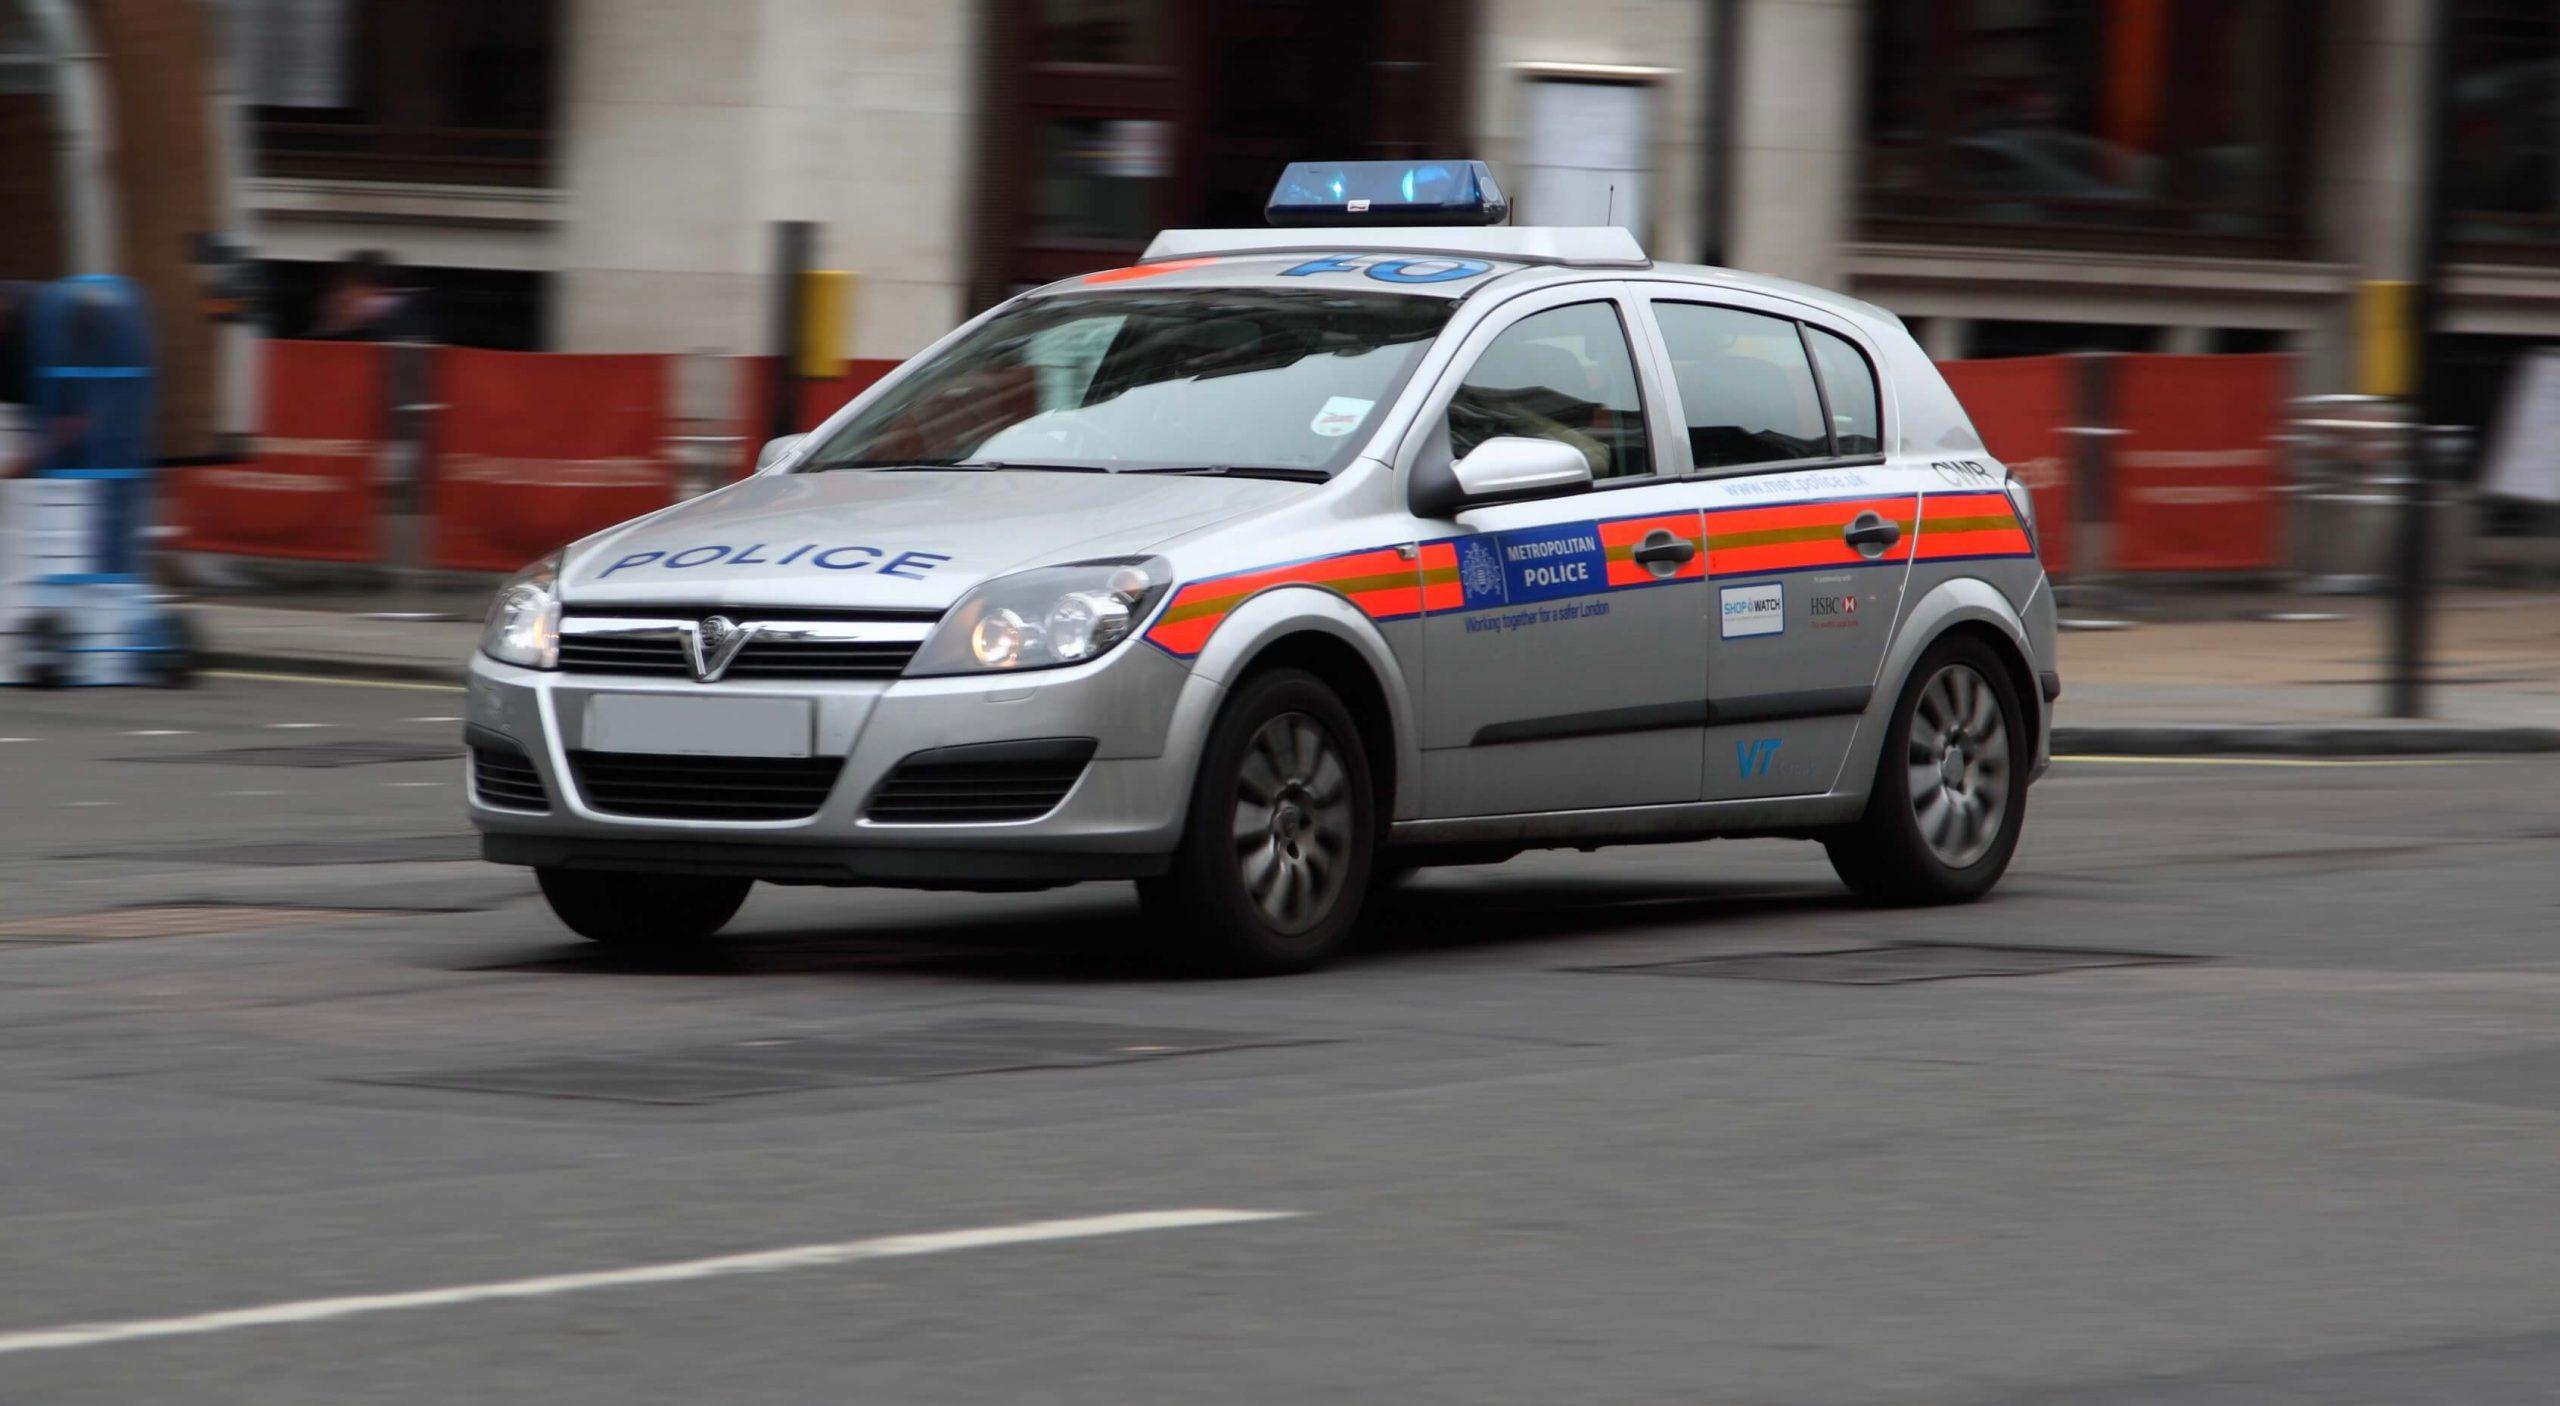 Dos delincuentes chilenos son condenados a más de 3 años de cárcel en Londres